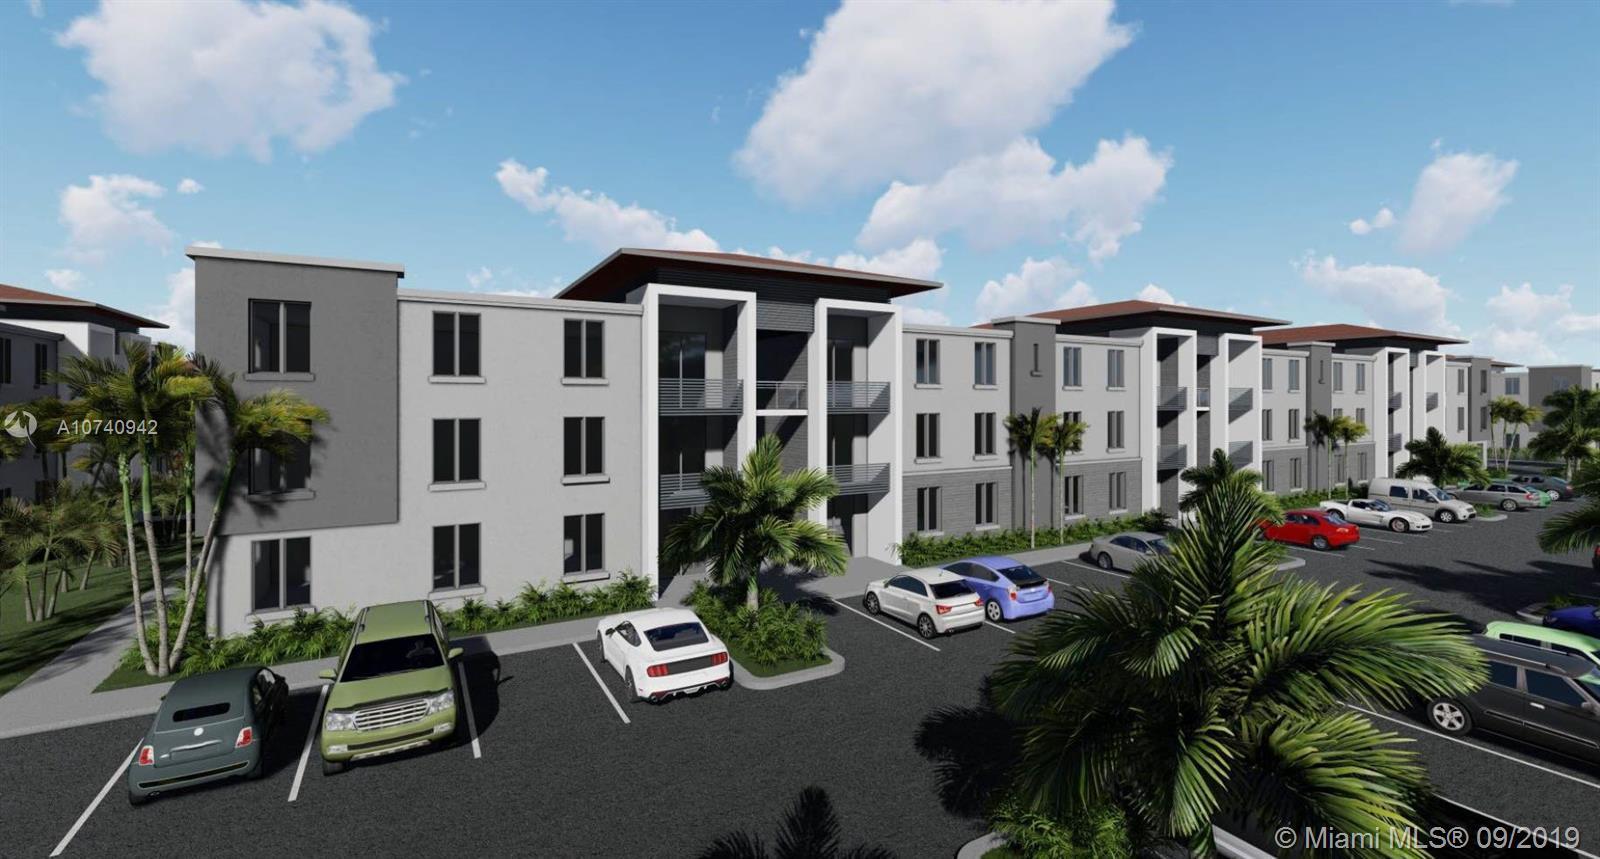 33600 SW 172 av Property Photo - , FL real estate listing